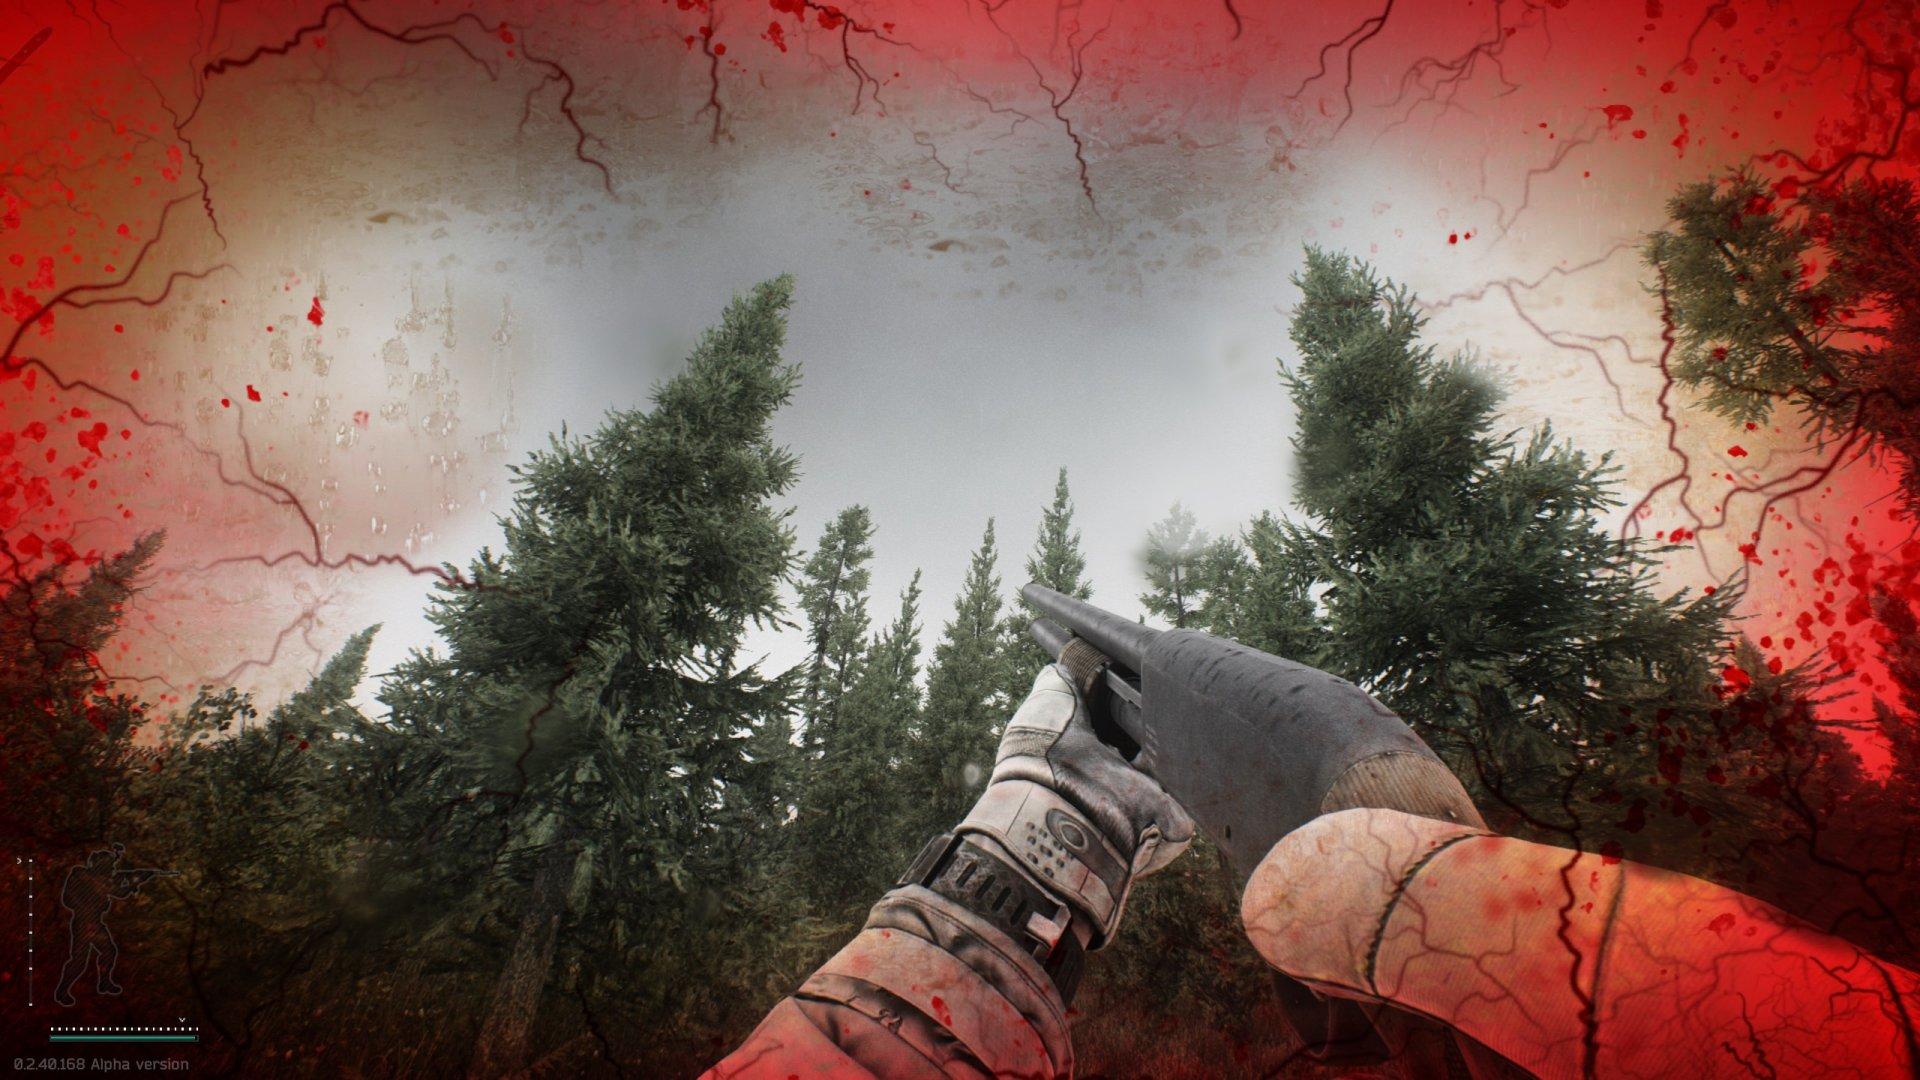 bloodloss.thumb.jpg.3a569d296ba635511c6db6e7185e10f9.jpg